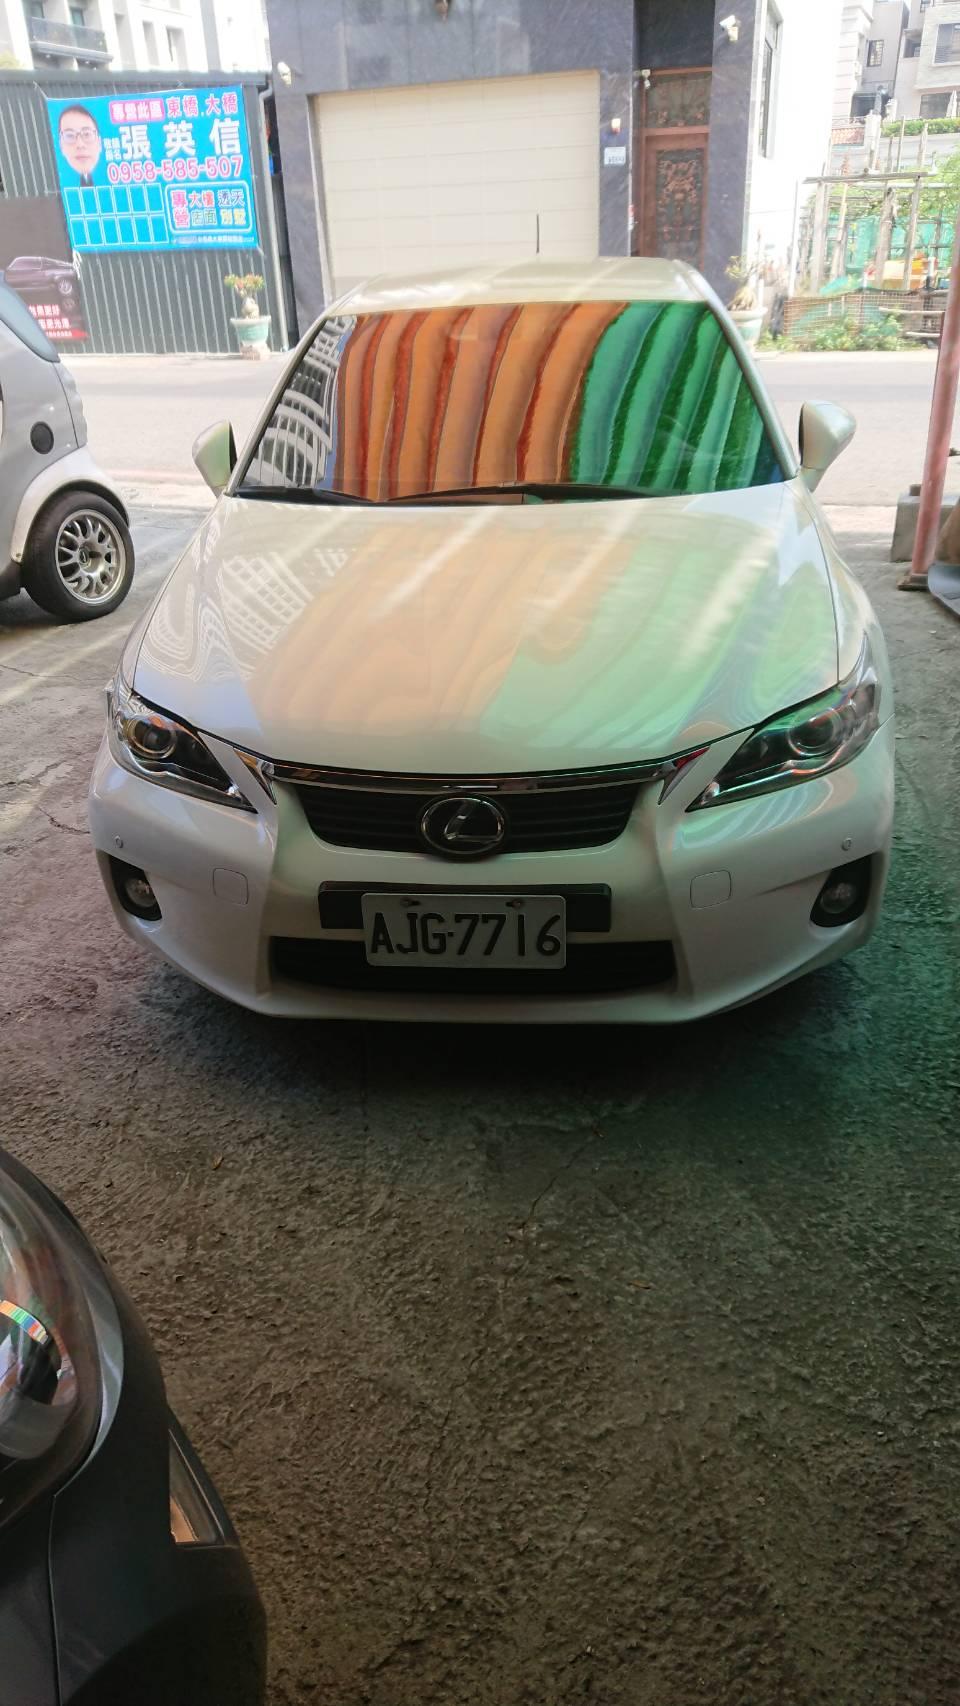 2011 Lexus 凌志 Ct